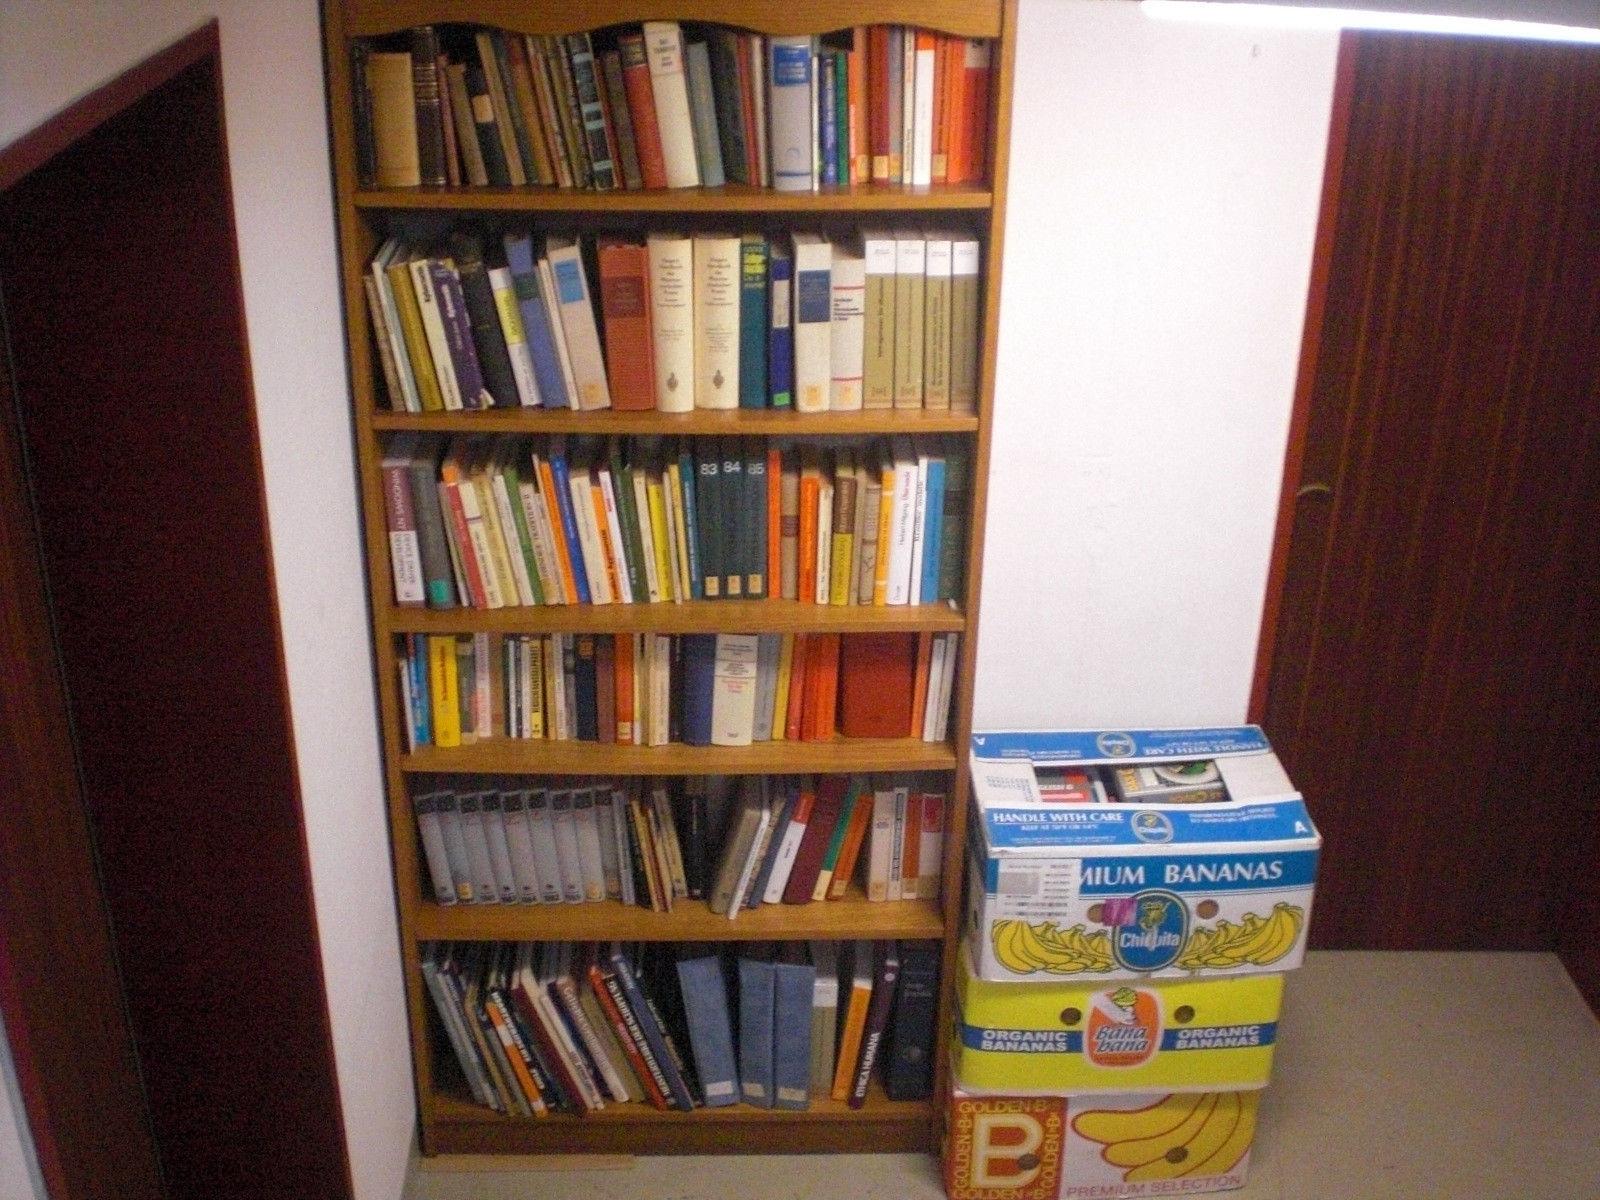 7 Kisten mit Fachbücher und Sachbücher wegen Haushaltsauflösung